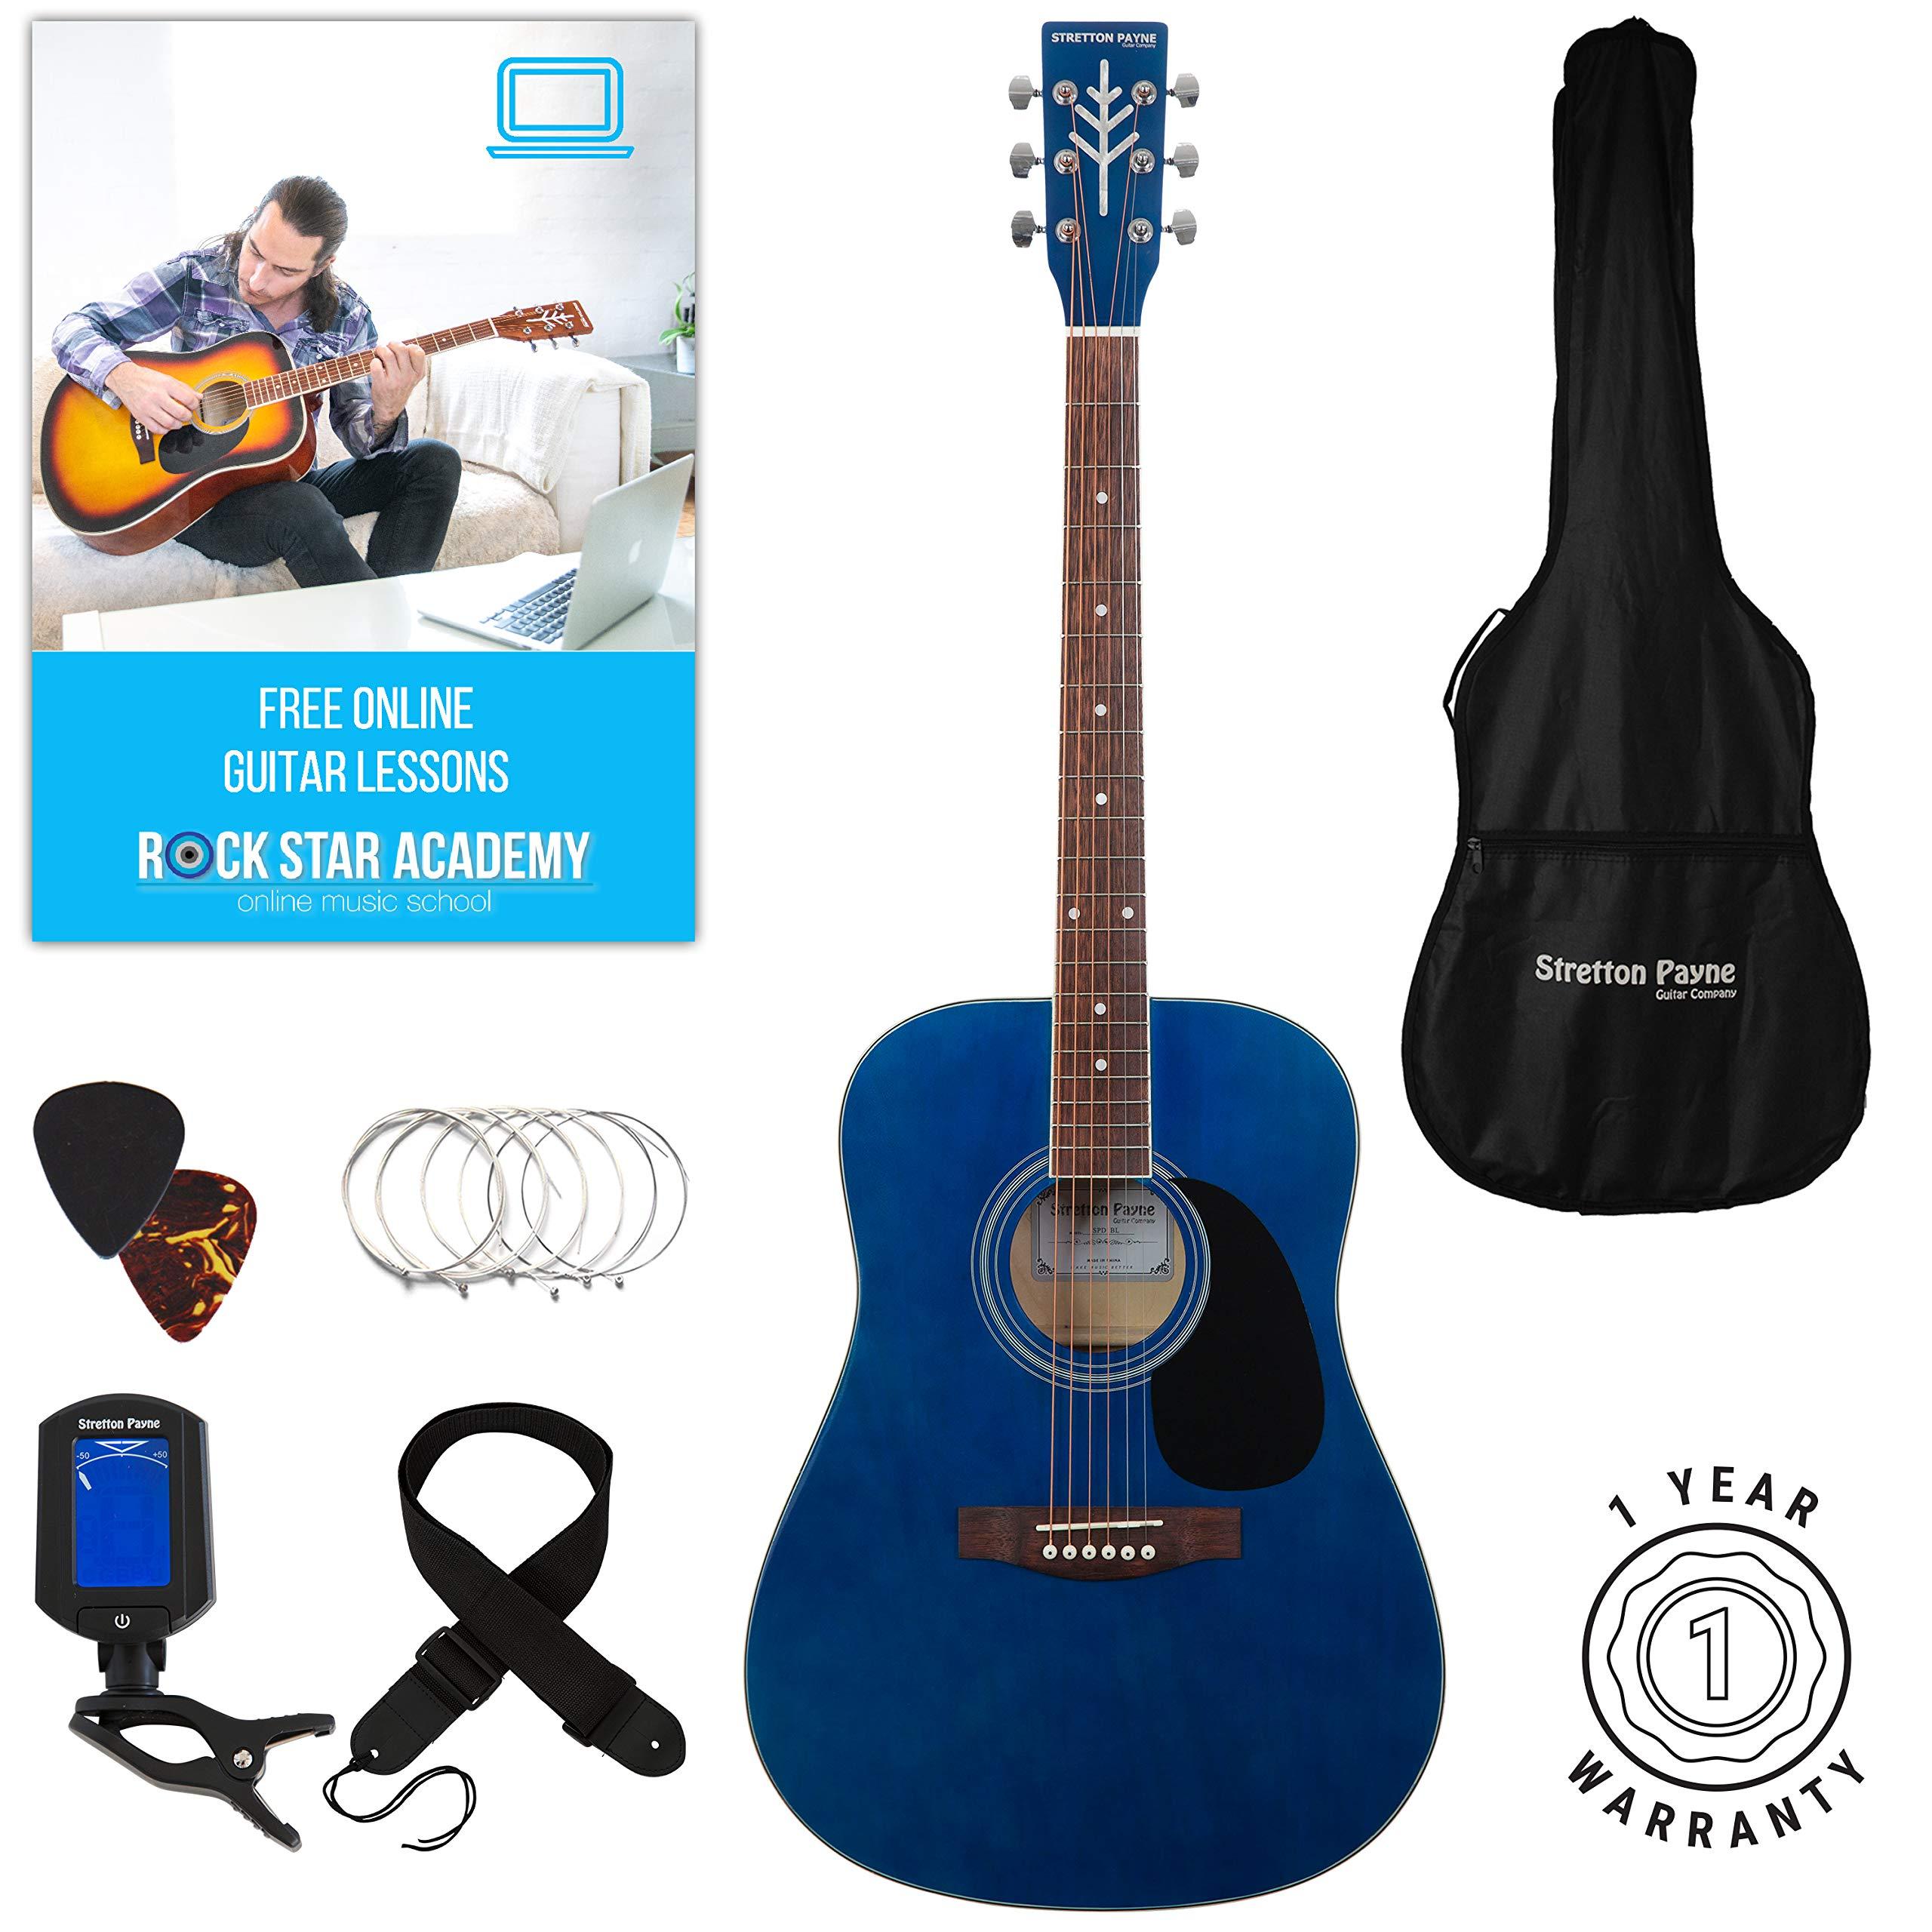 Stretton Payne Dreadnought D1 - Guitarra acústica con cuerdas de acero, tamaño grande product image